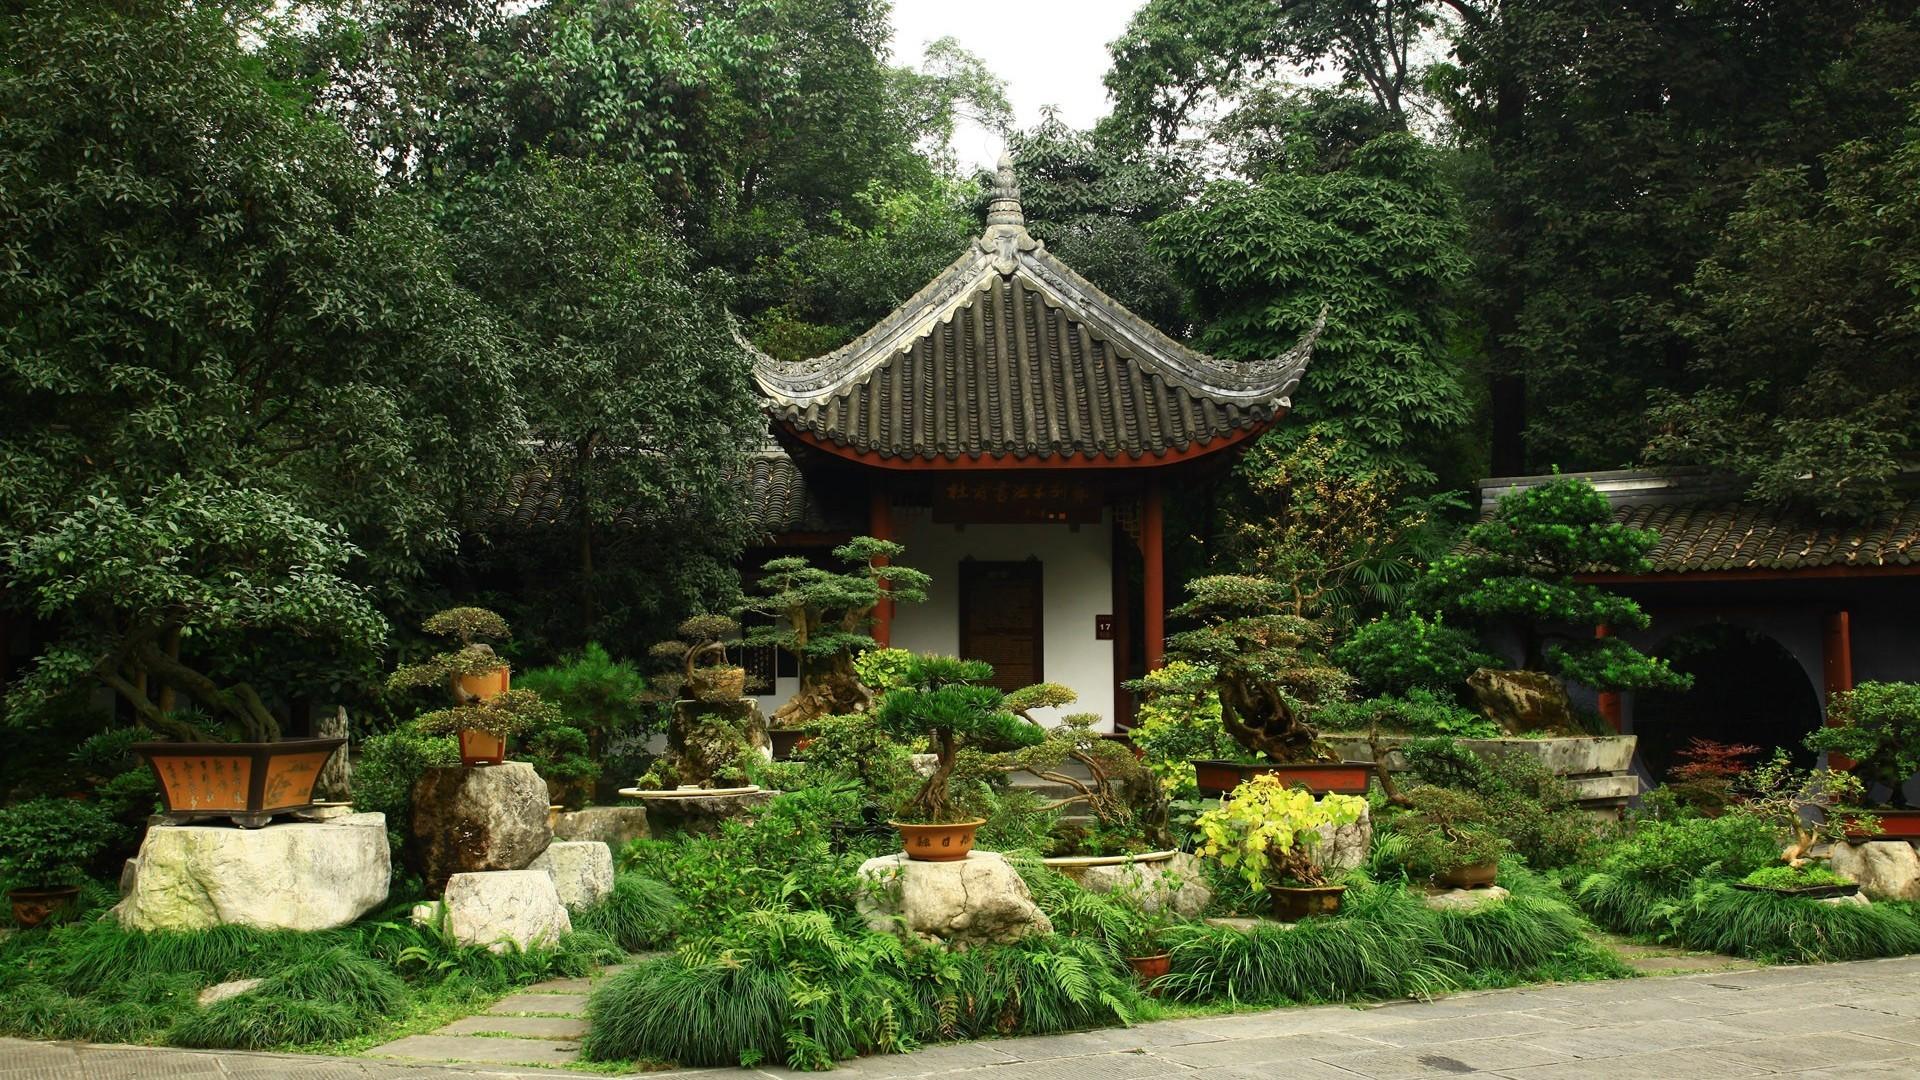 bonsai garden   Japanese Bonsai Garden Wallpaper/Background 1920 x 1080 –  id: 344417